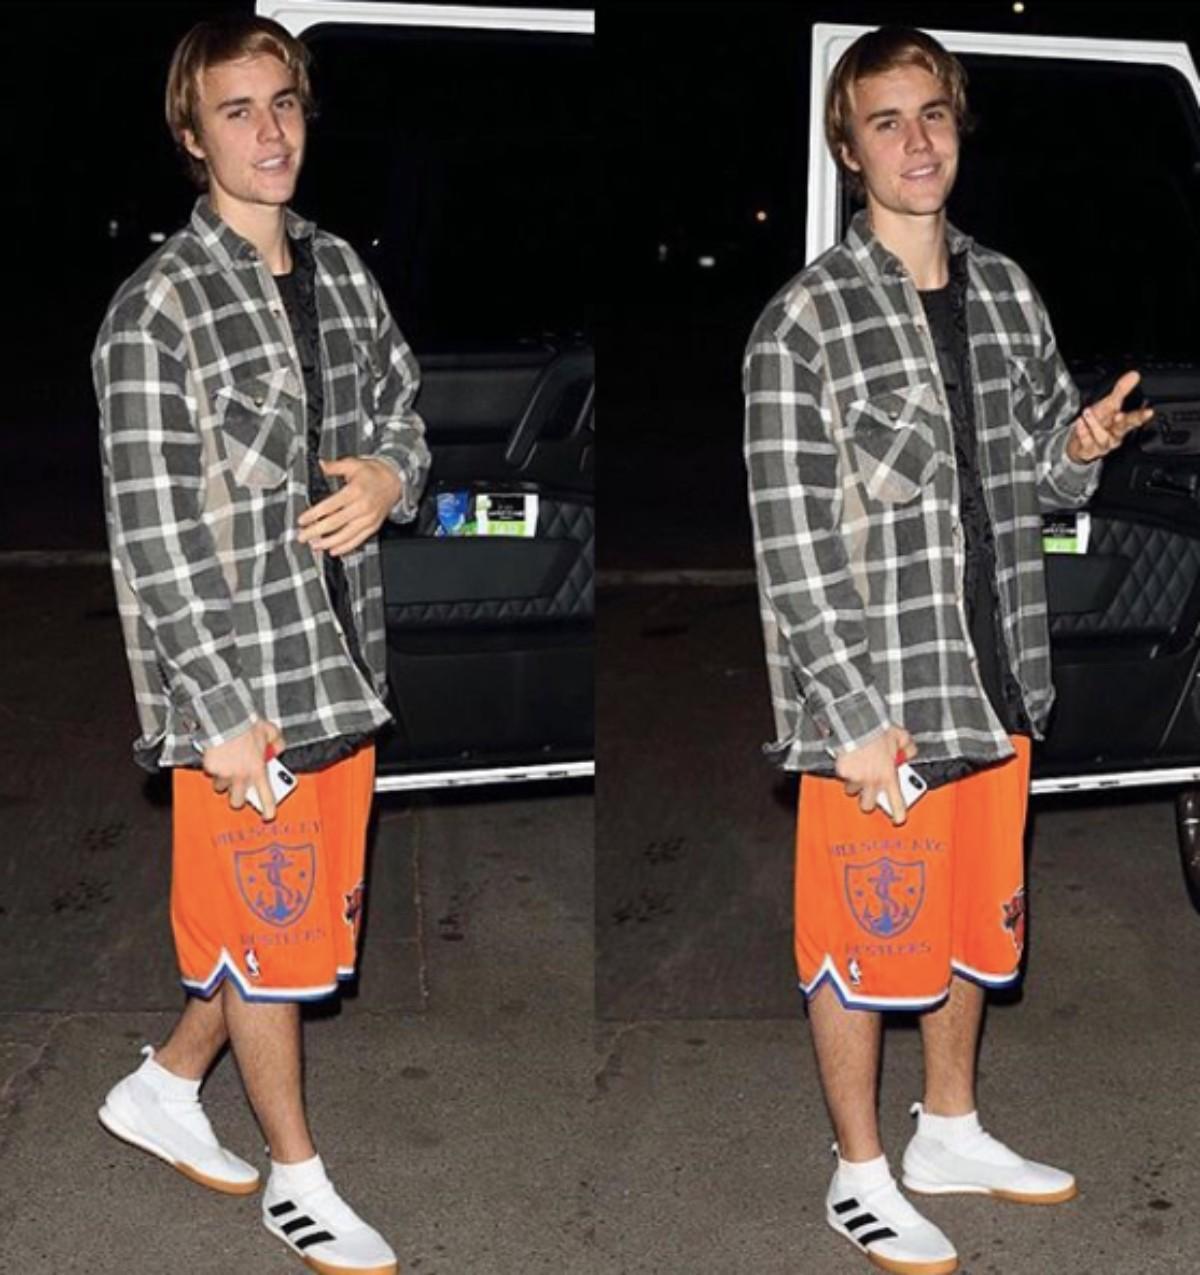 SPOTTED: Justin Bieber in Gosha Rubchinskiy x adidas